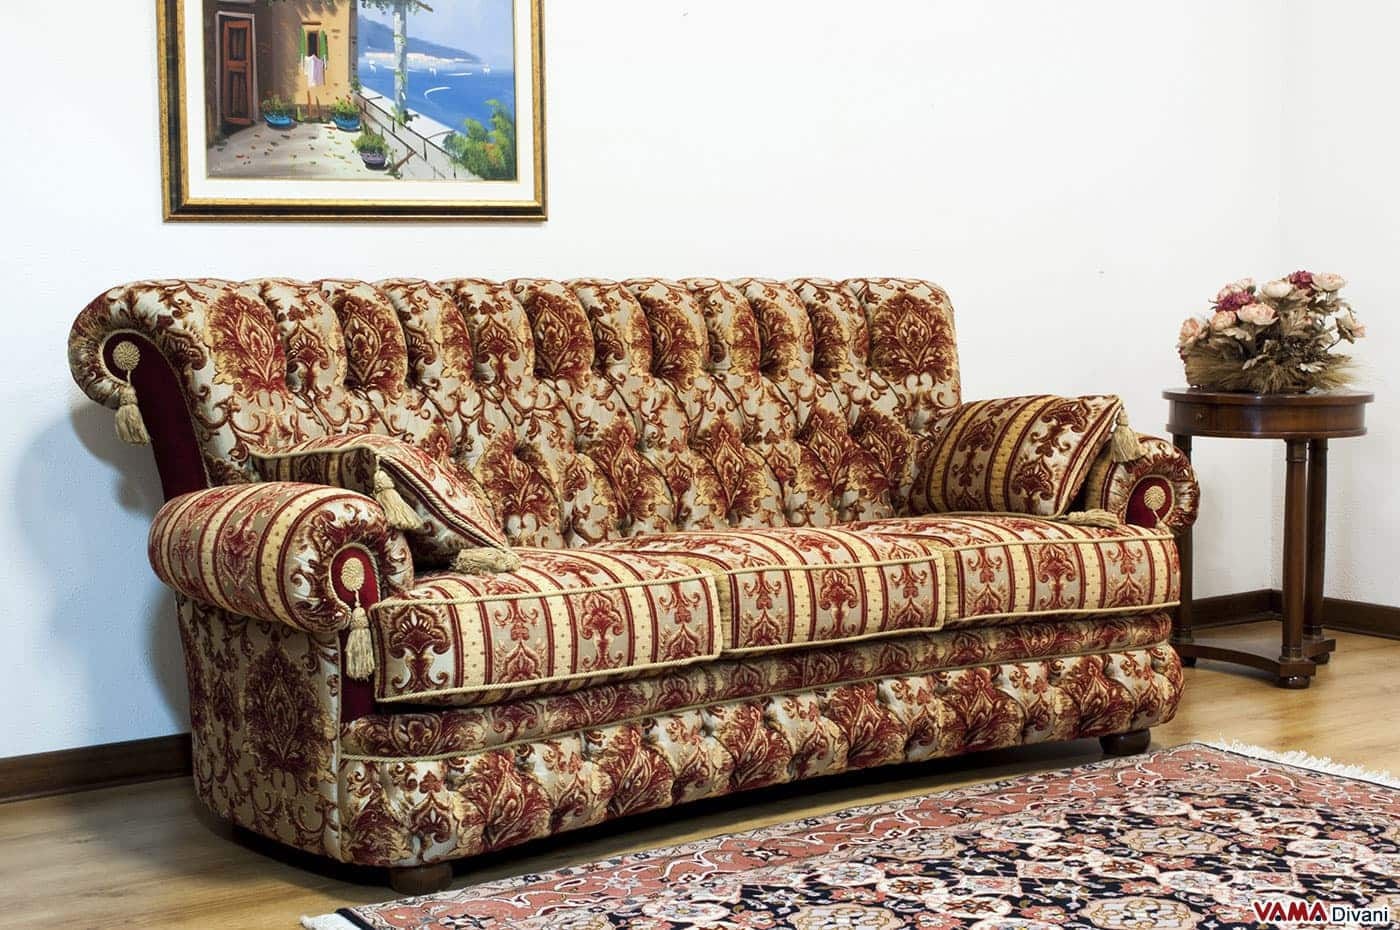 Divano damasco vama divani - Copridivano per divano in pelle ...